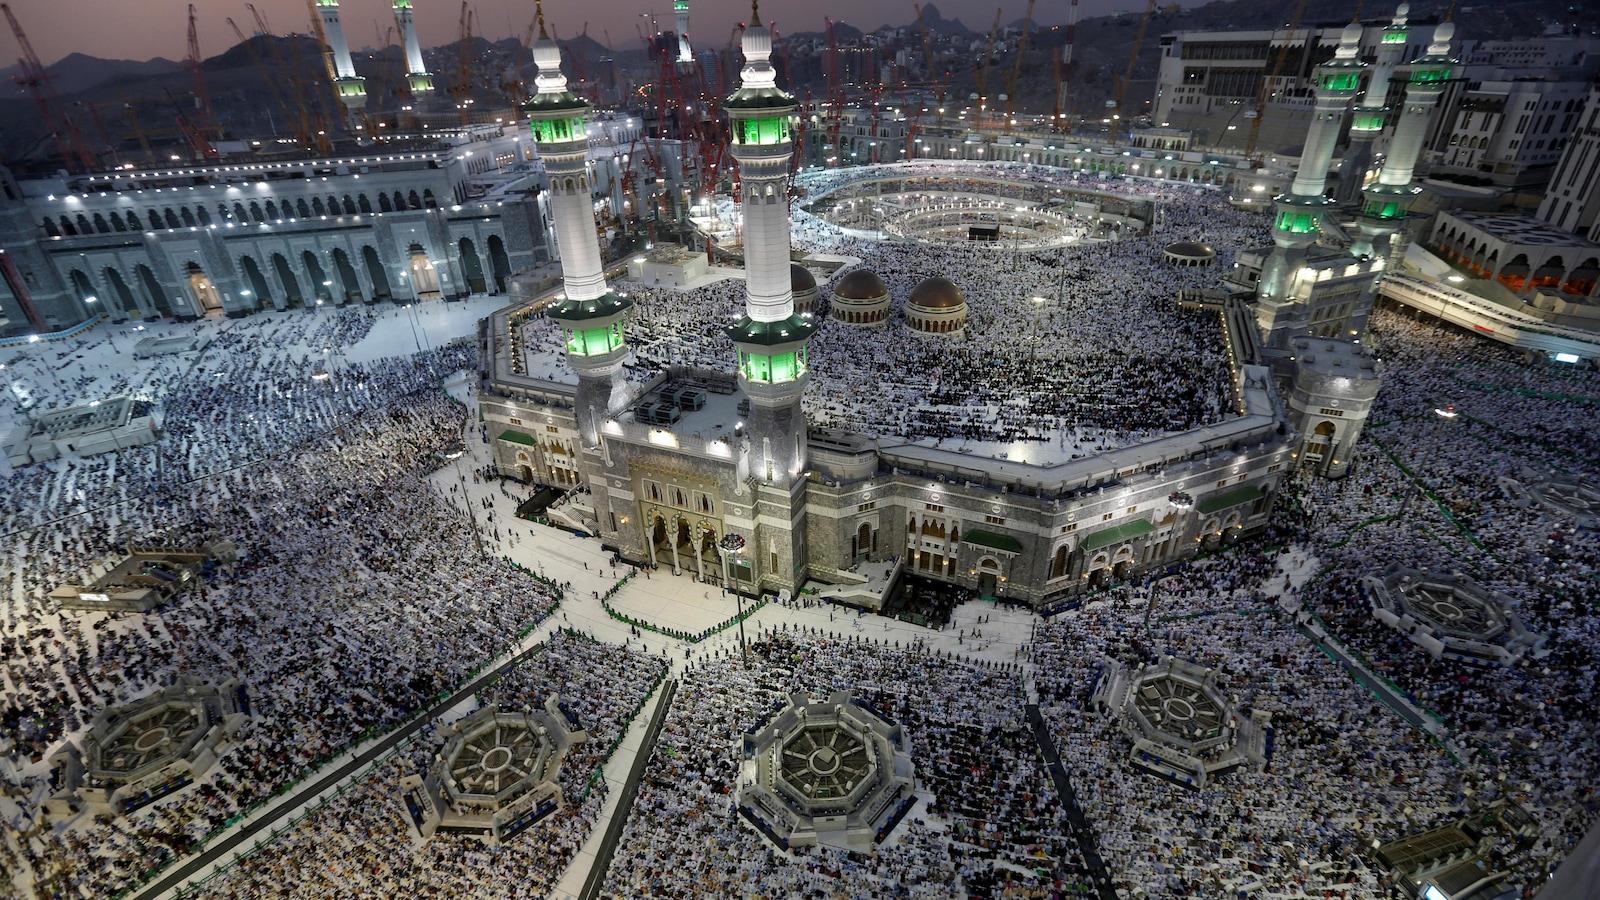 Les musulmans du monde entier viennent à La Mecque pour prier autour de la Kaaba. Sur la photo, on voit une foule impressionnante de pèlerins réunis au pied de la Grande Mosquée.